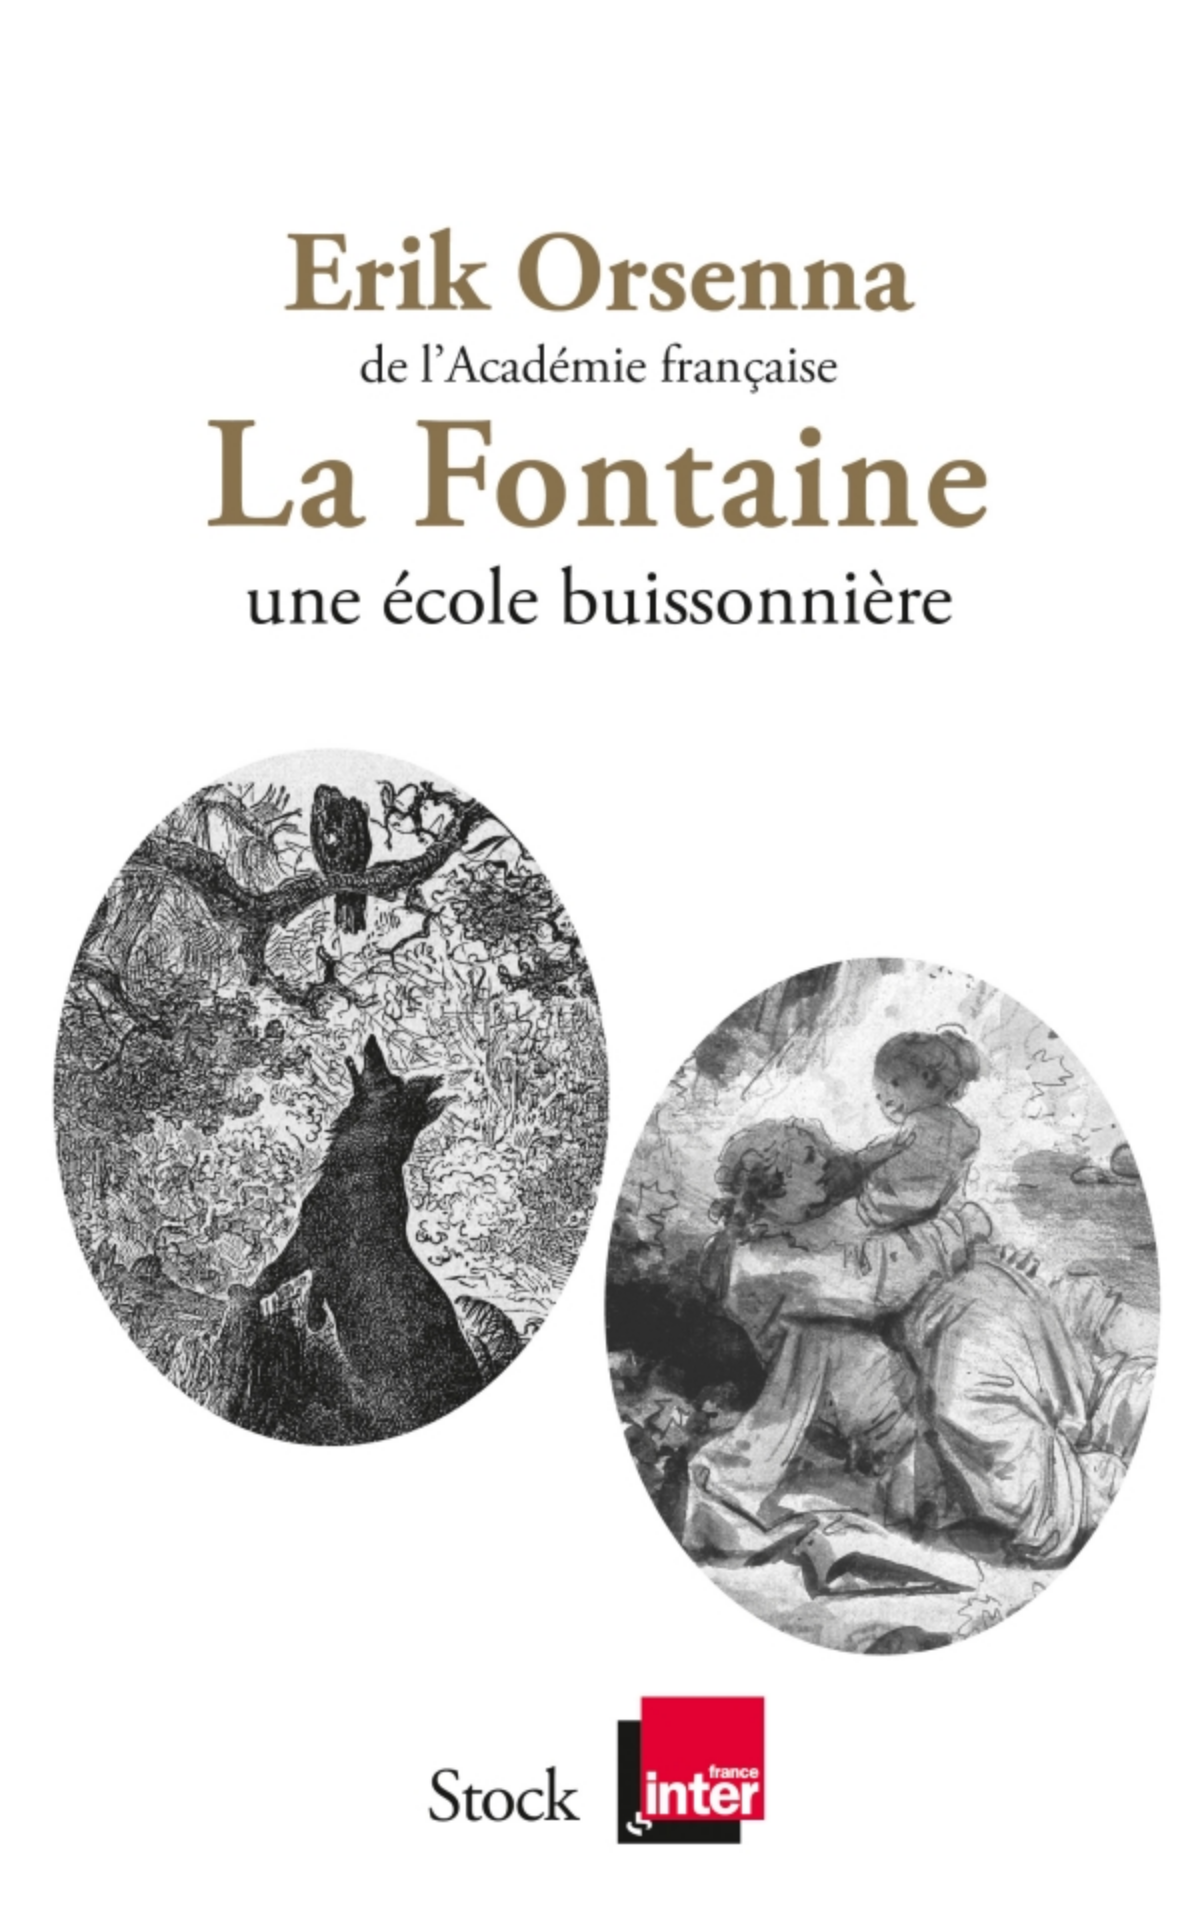 capture_erik_orsenna_-_la_fontaine_-_une_ecole_buisonniere.png